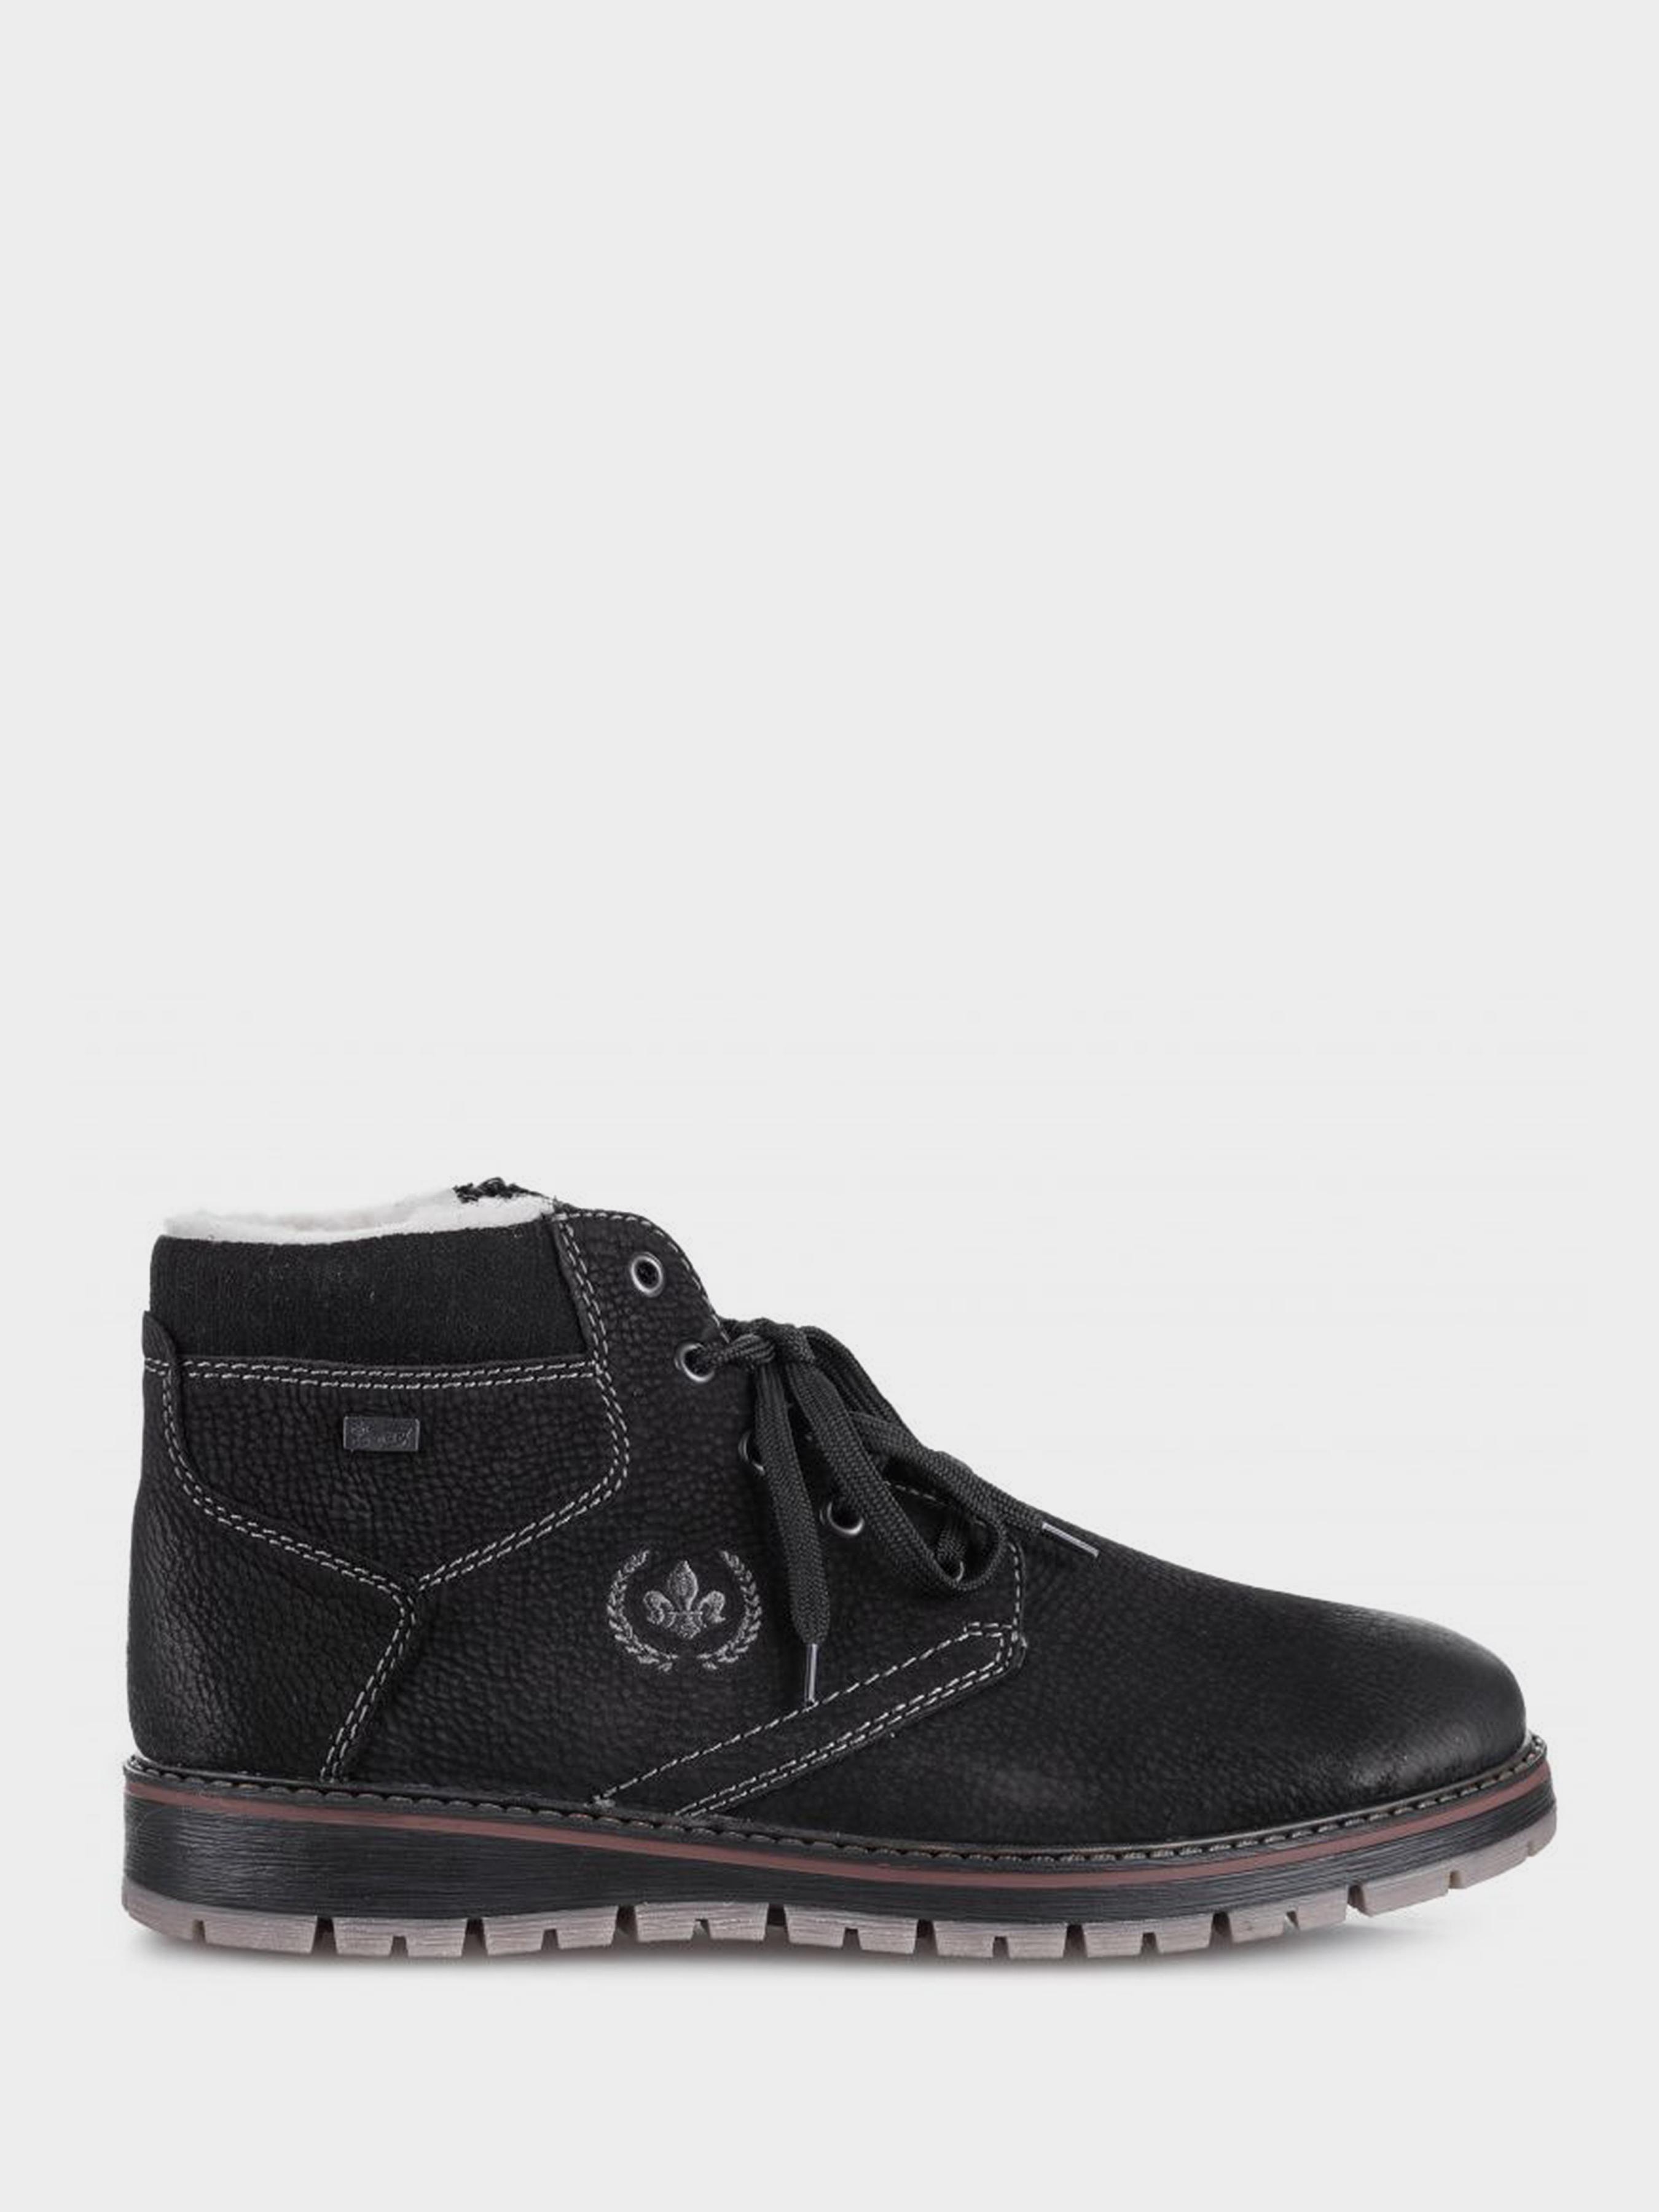 Ботинки для мужчин RIEKER RK625 цена, 2017